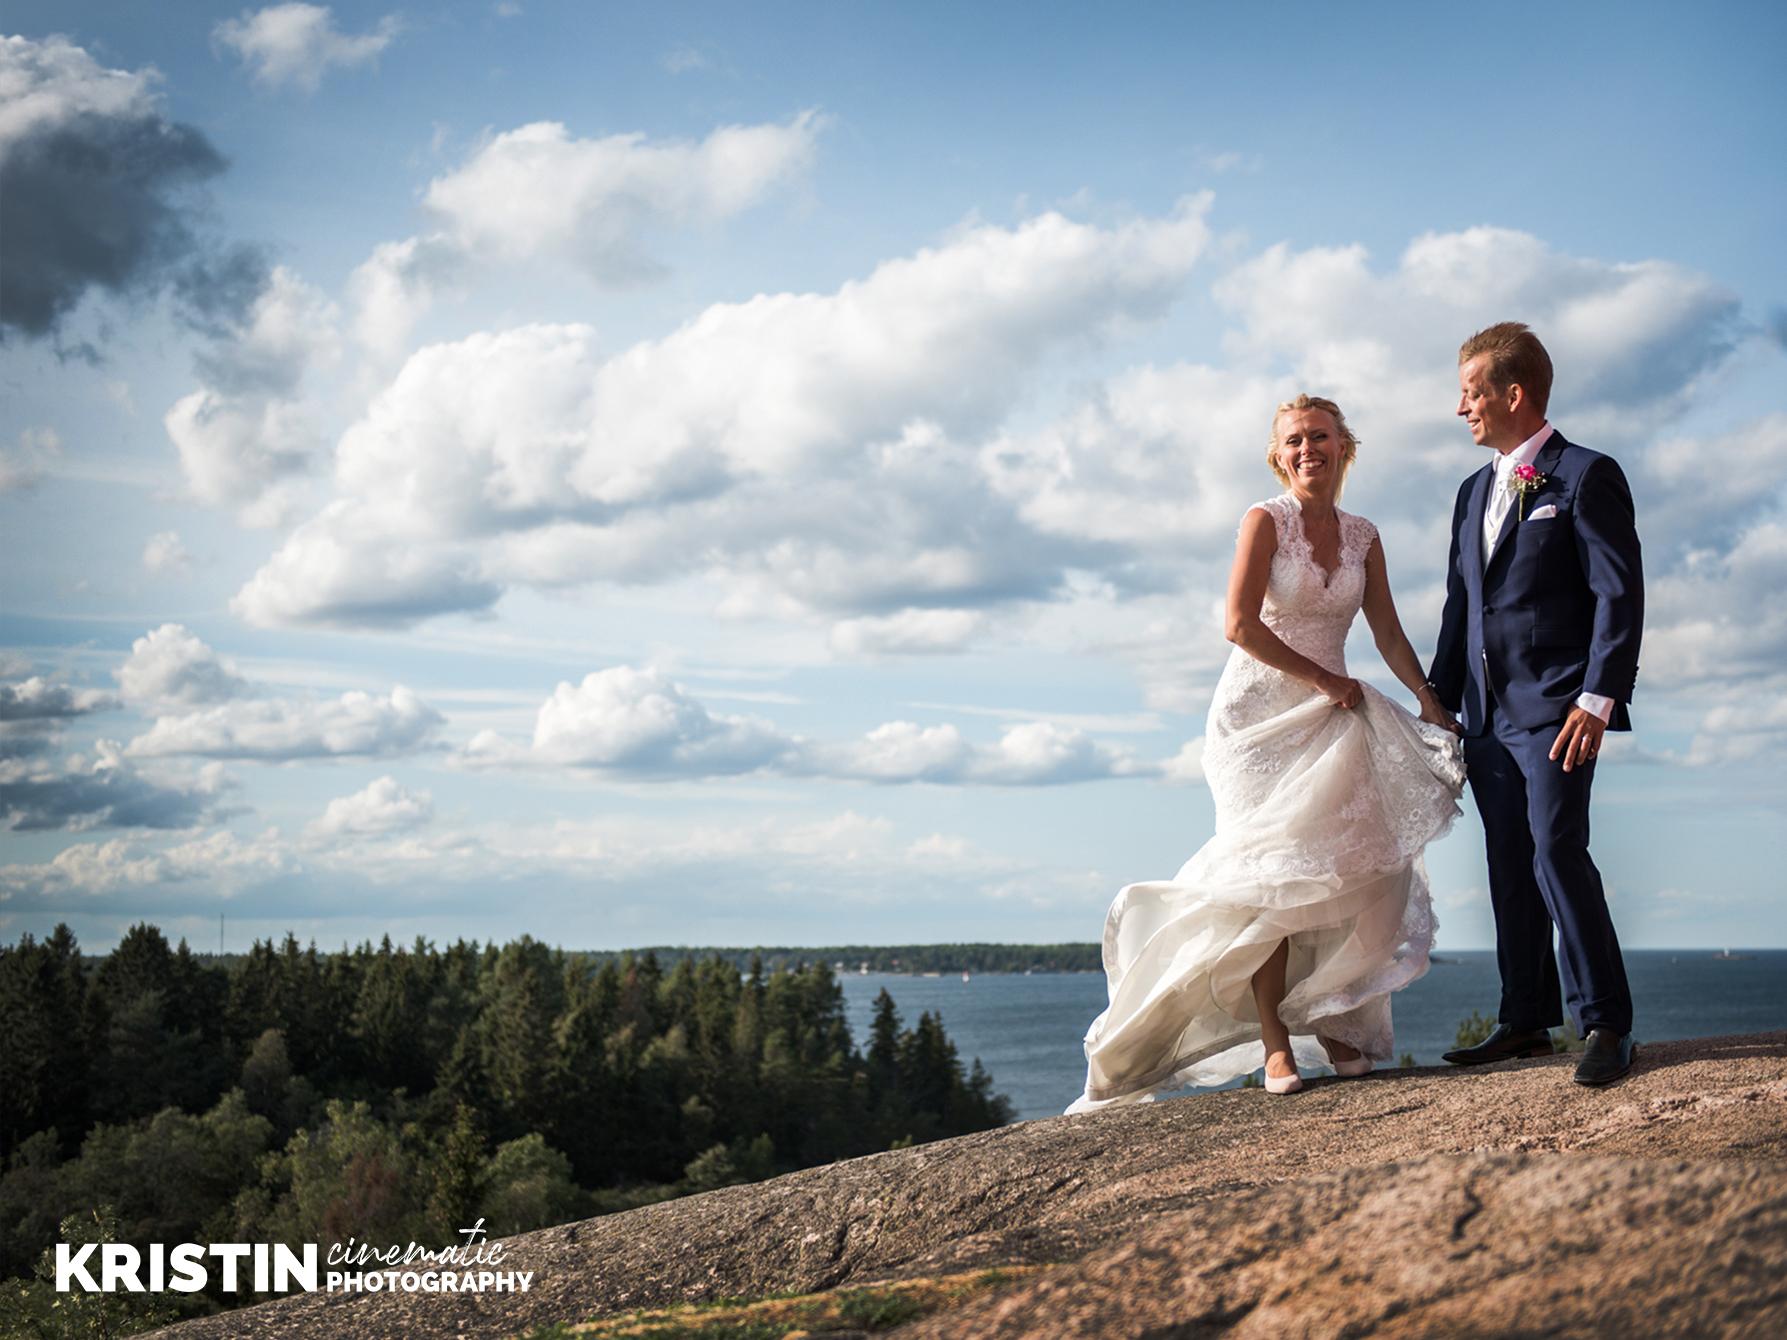 Bröllopsfotograf i Eskilstuna Kristin - Photography-10.jpg